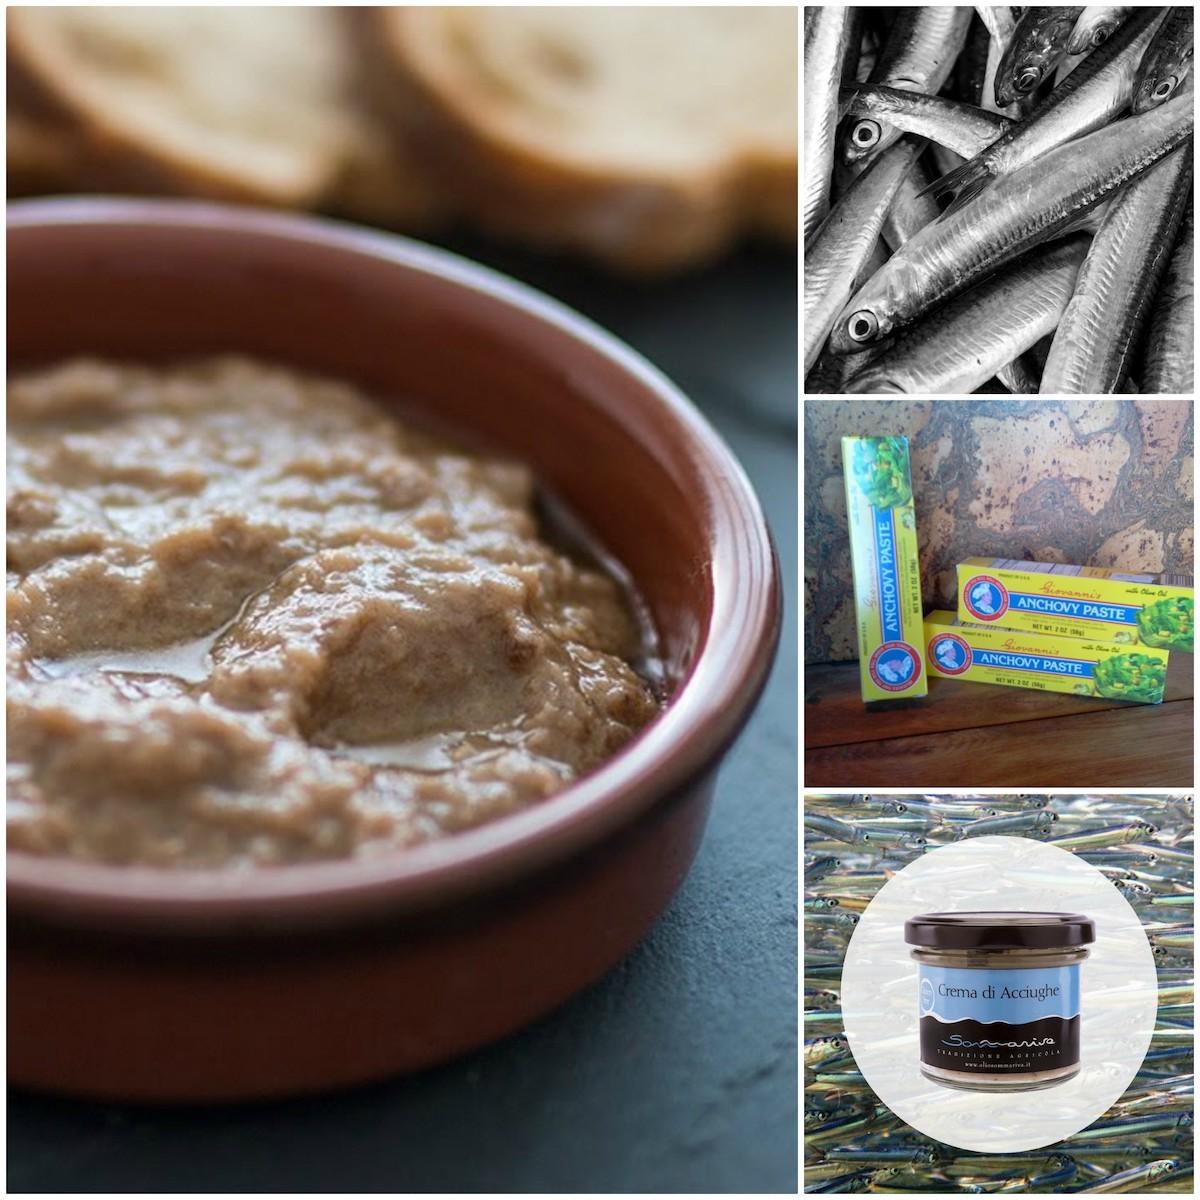 Crème d'anchois.